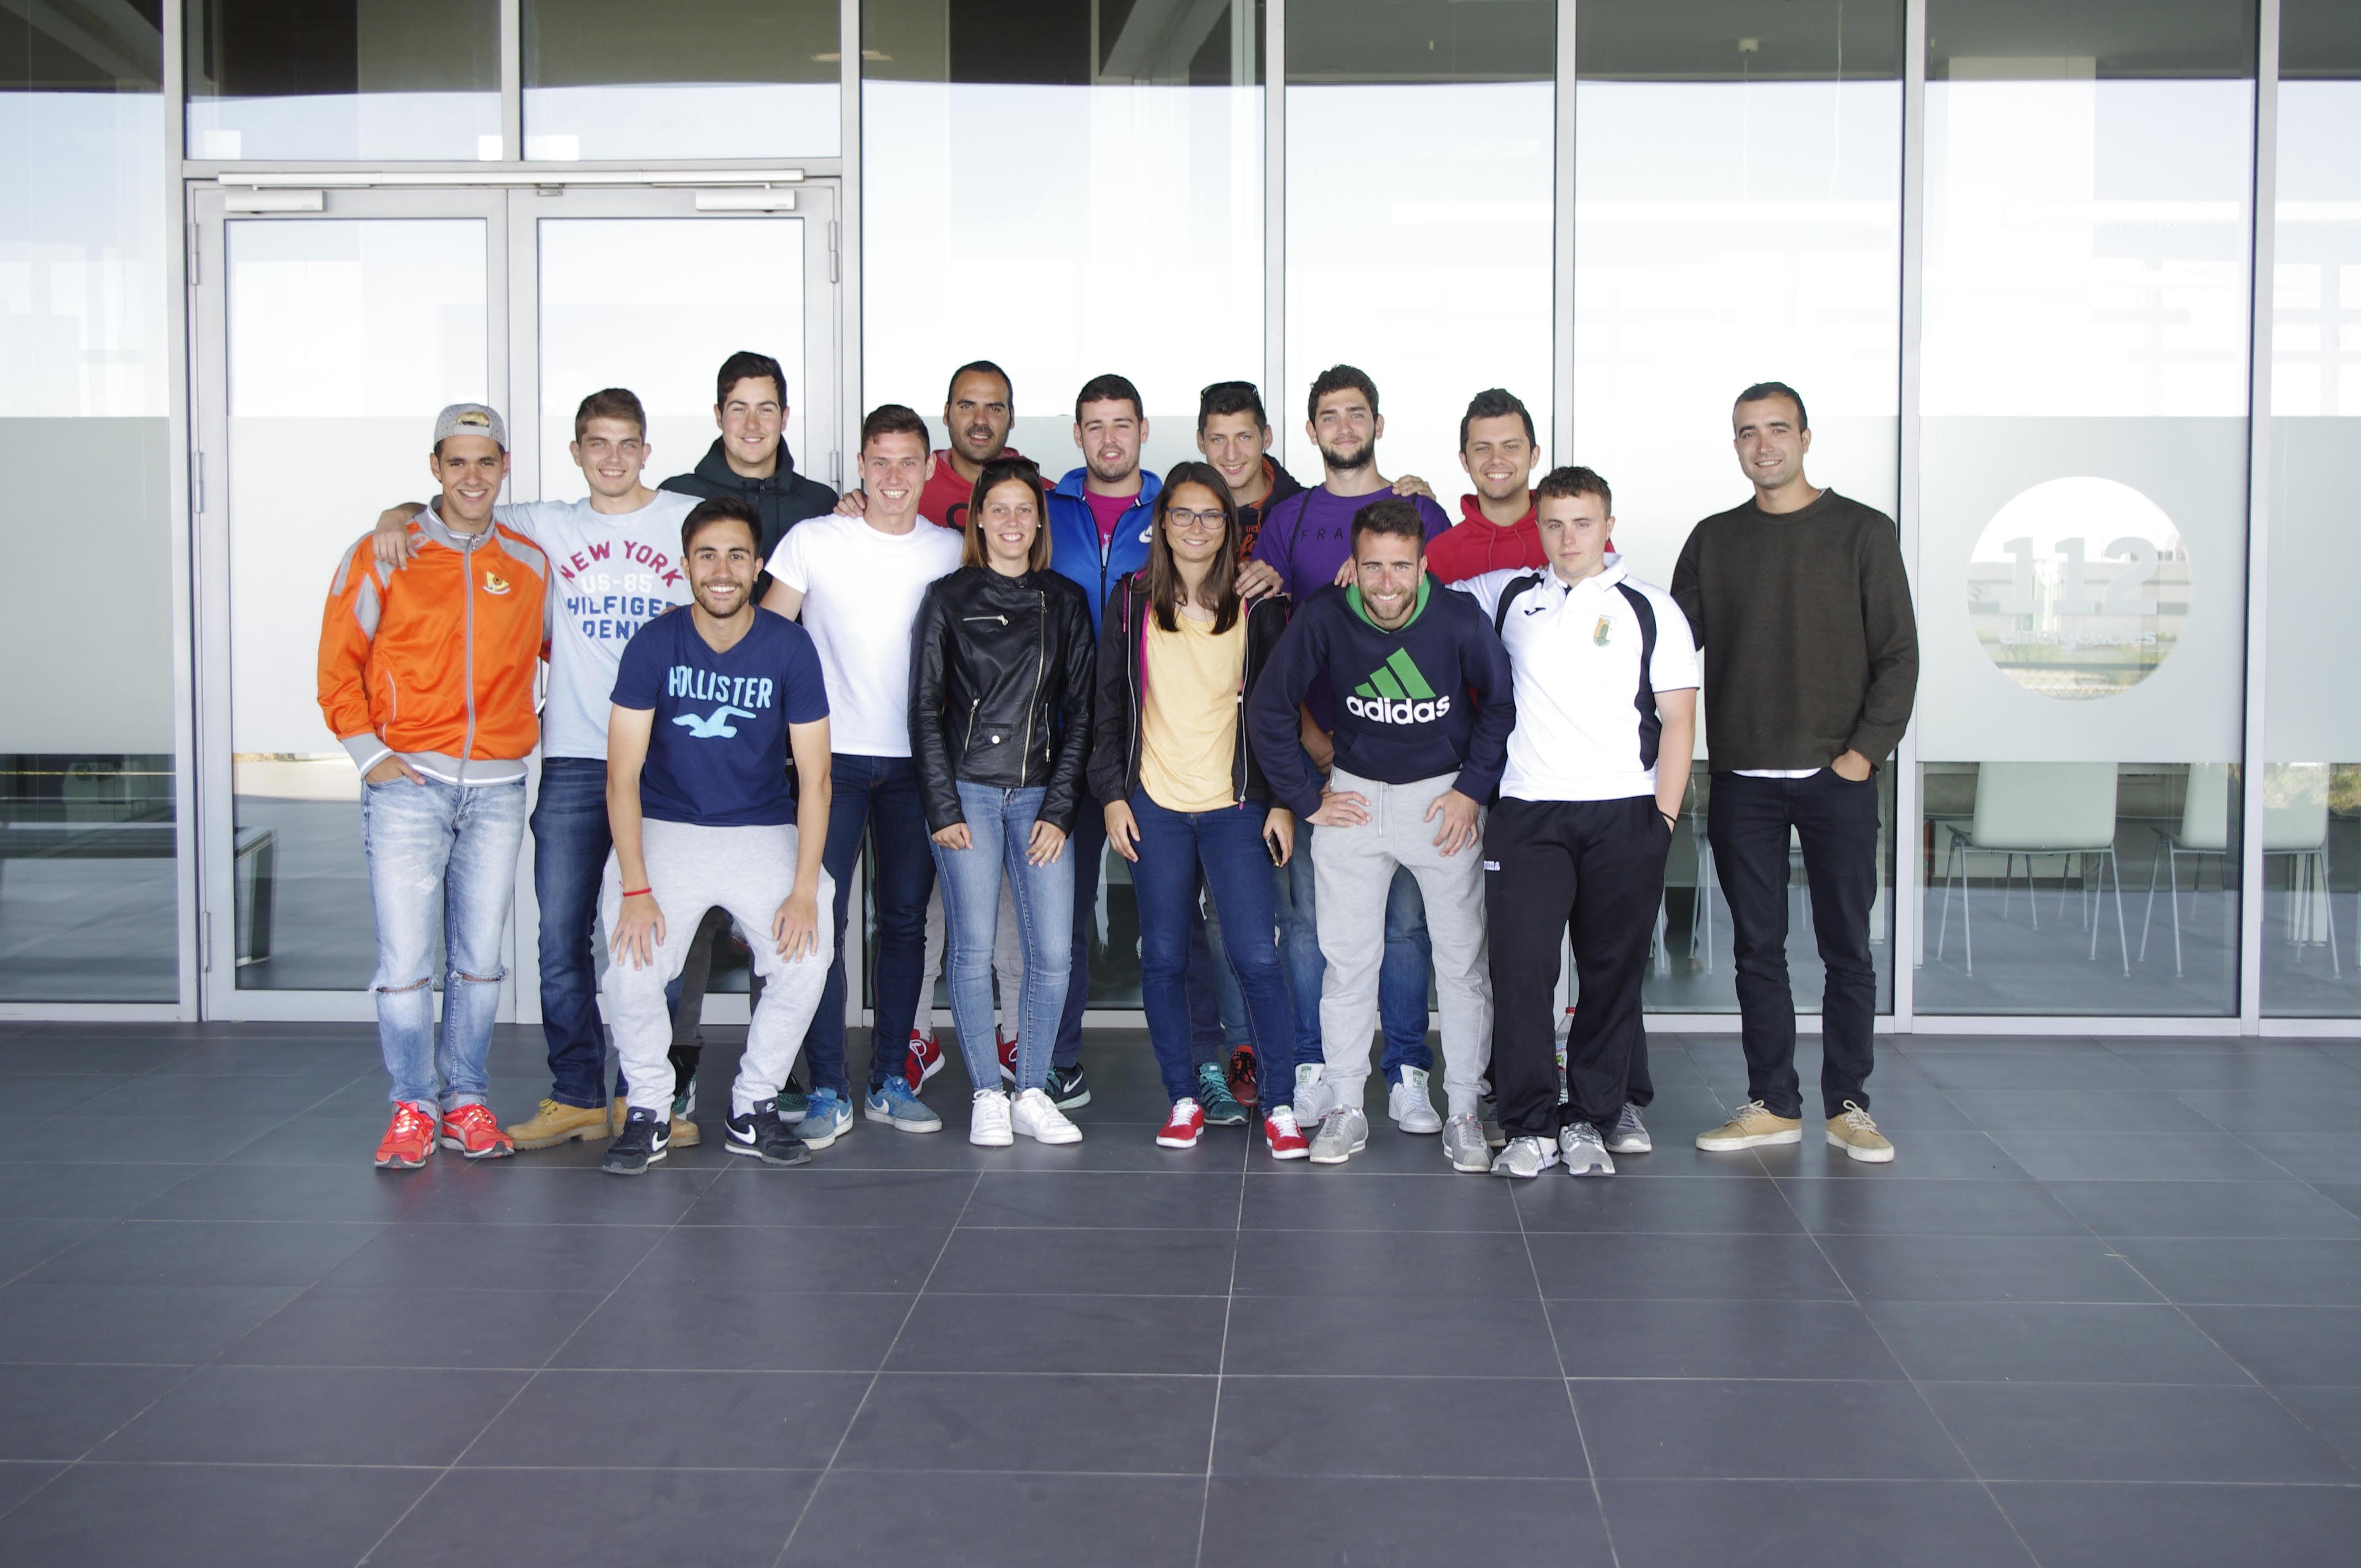 Visita dels alumnes de 3r curs del Grau en CAFE d'EUSES Terres de l'Ebre a les instal·lacions d'emergències 112